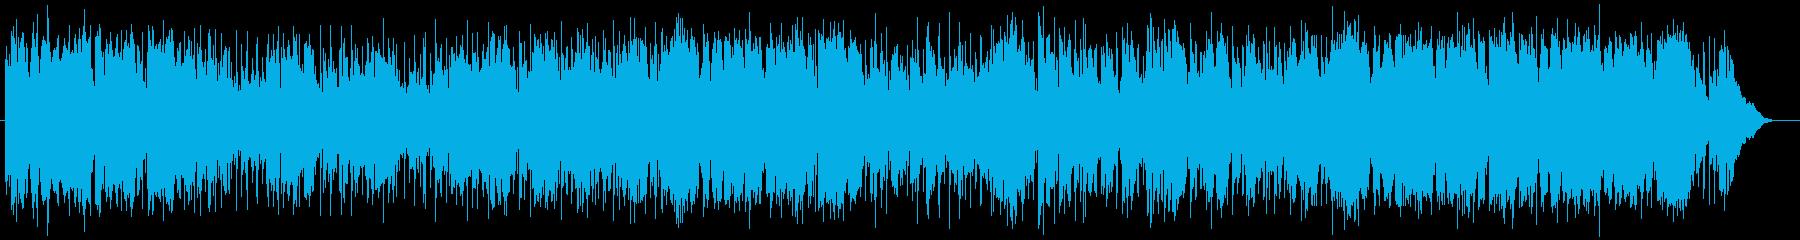 爽やかなフュージョンポップスの再生済みの波形